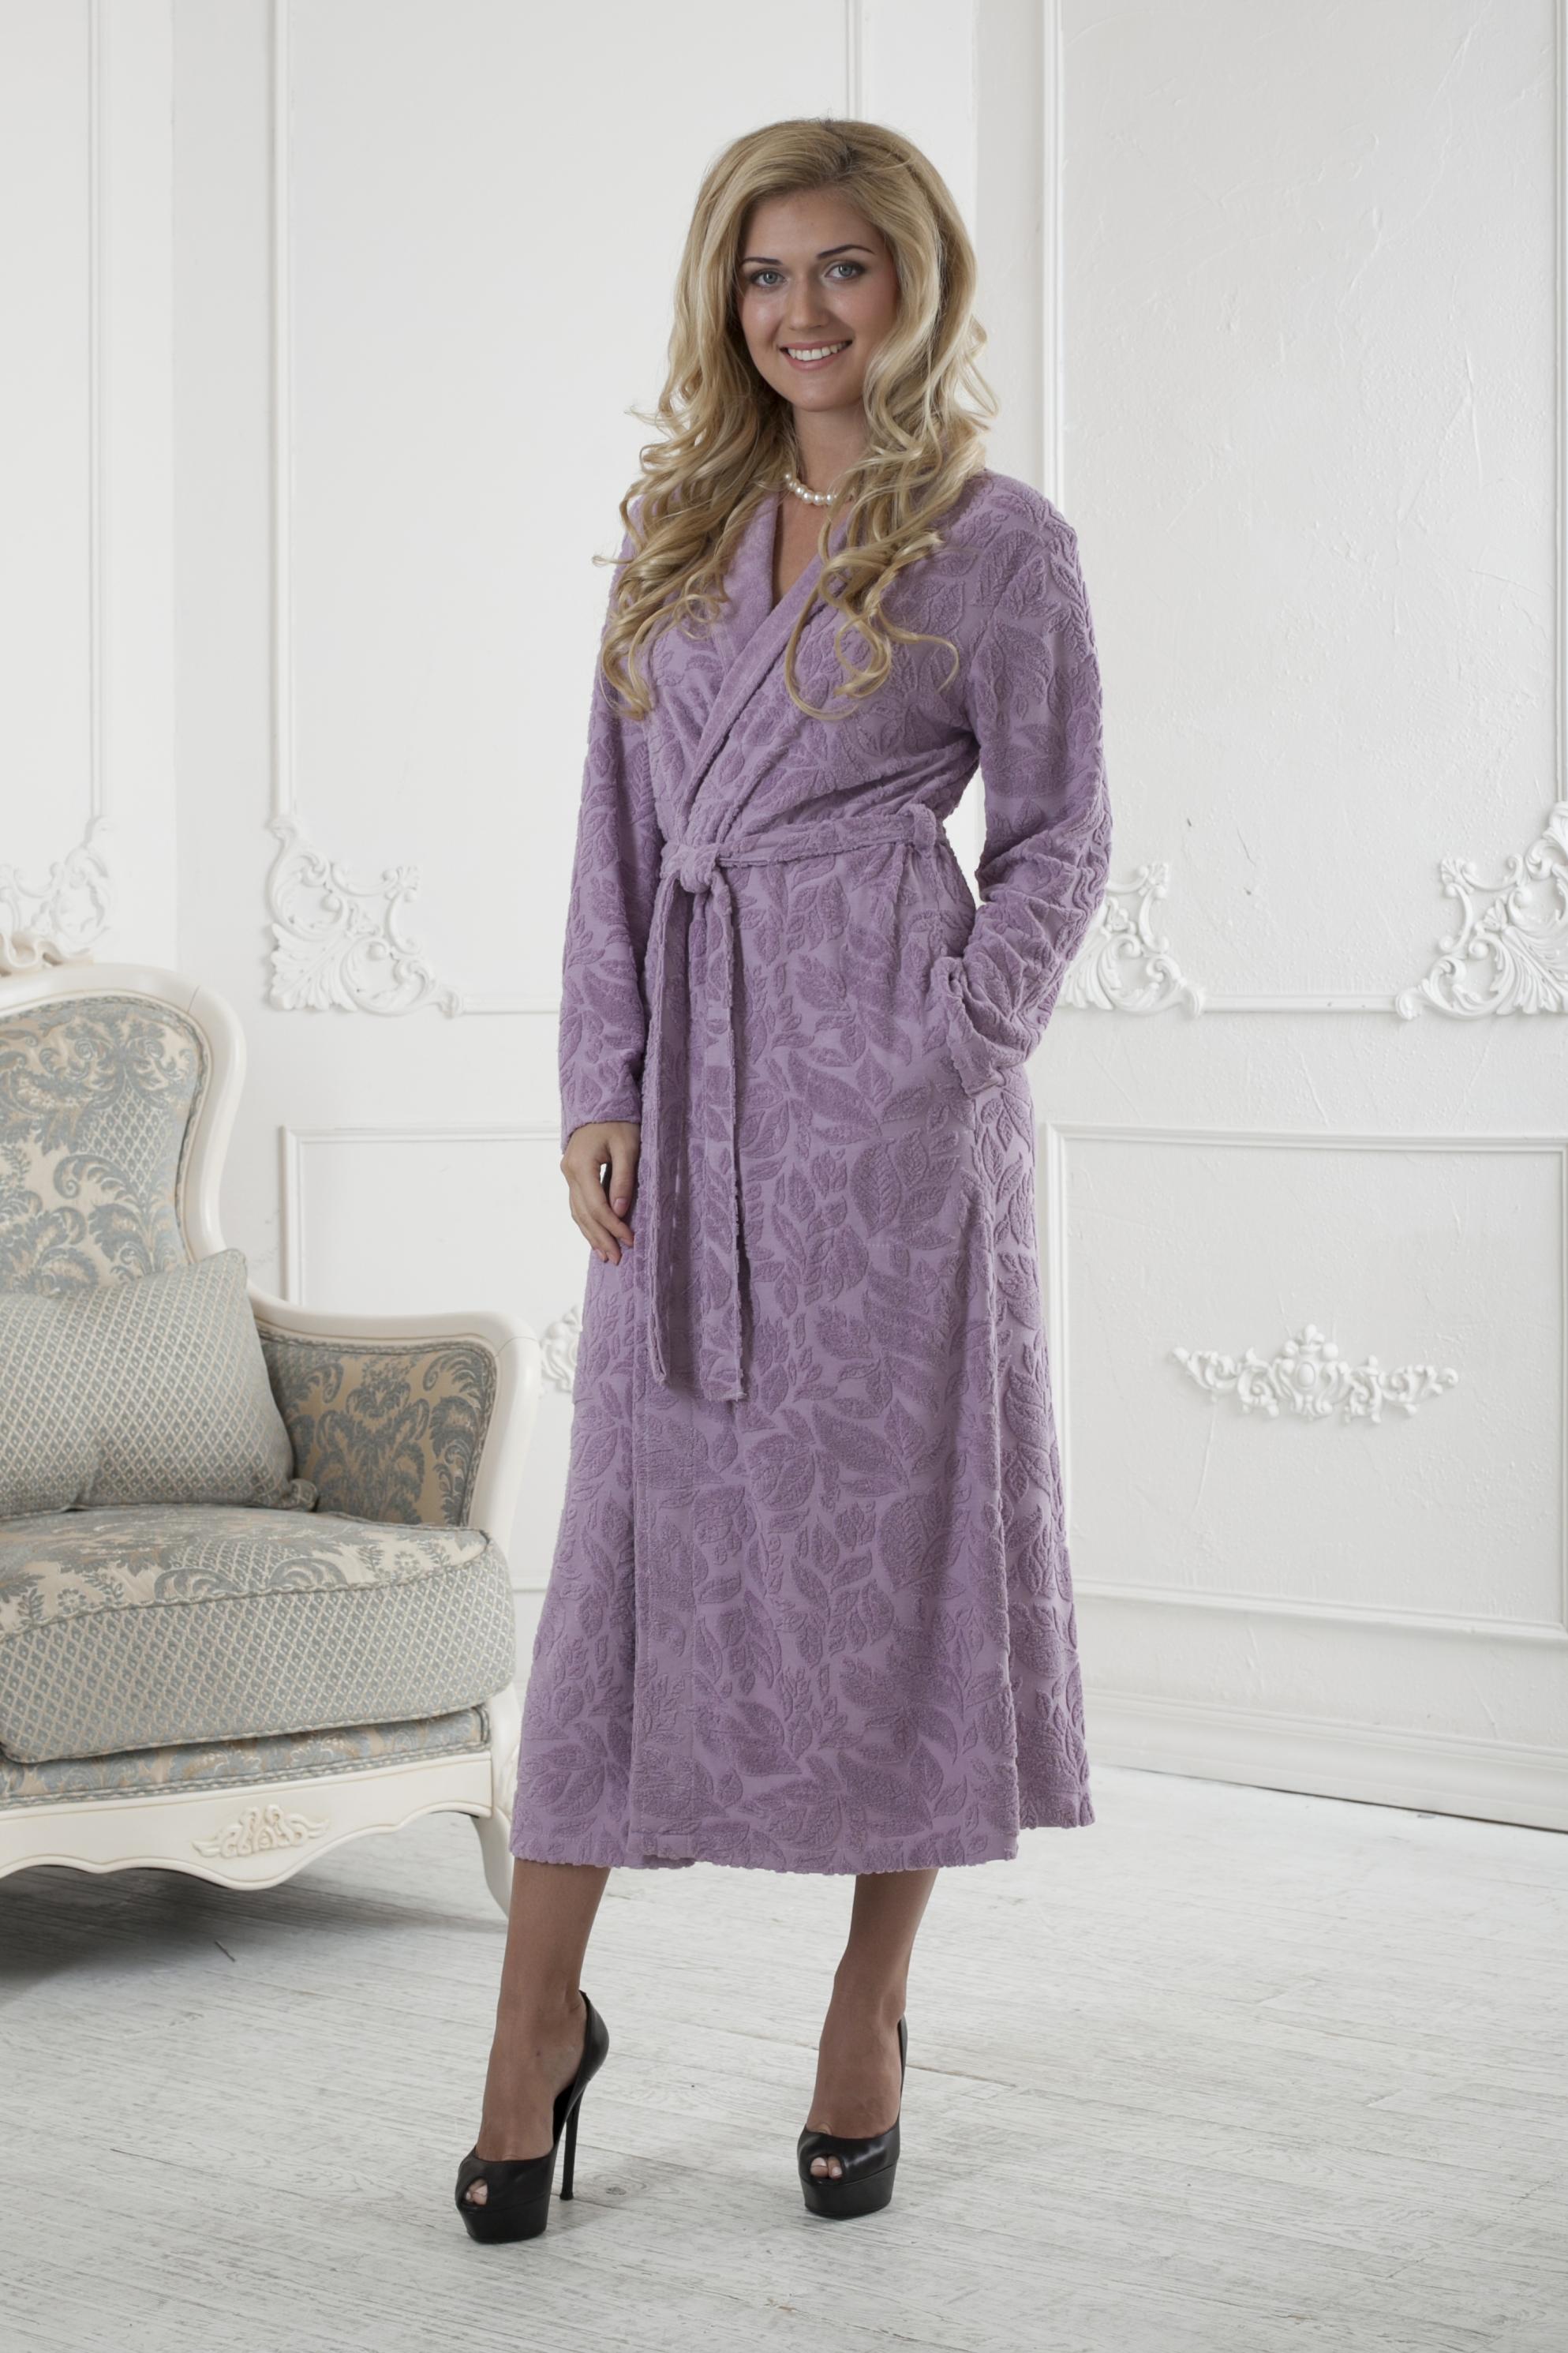 Халат женский Five Wien Home, цвет: розовый. 411. Размер L/XL (48/52)411Очень мягкий и приятный женский халат из трикотажного бамбука. Очень элегантная и женственная модель. Объемная текстура по всему халату.